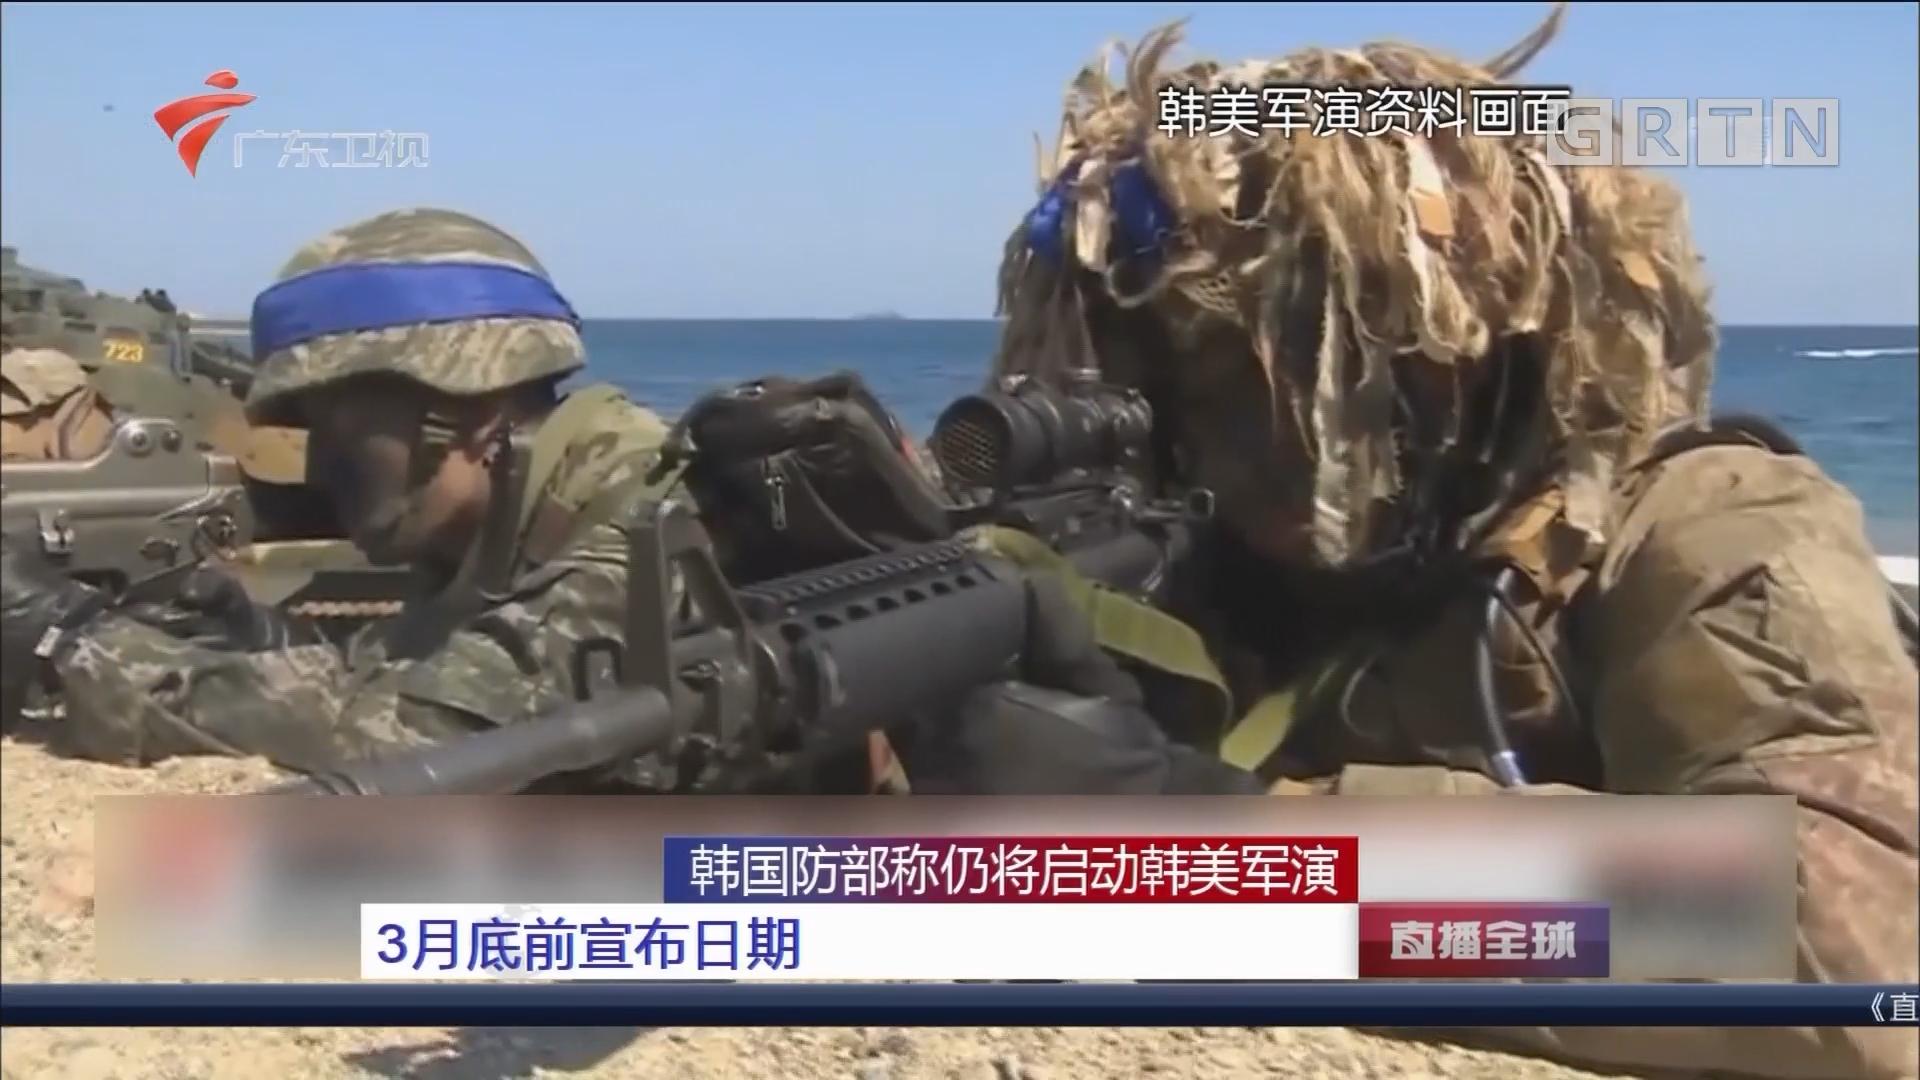 韩国防部称仍将启动韩美军演:3月底前宣布日期